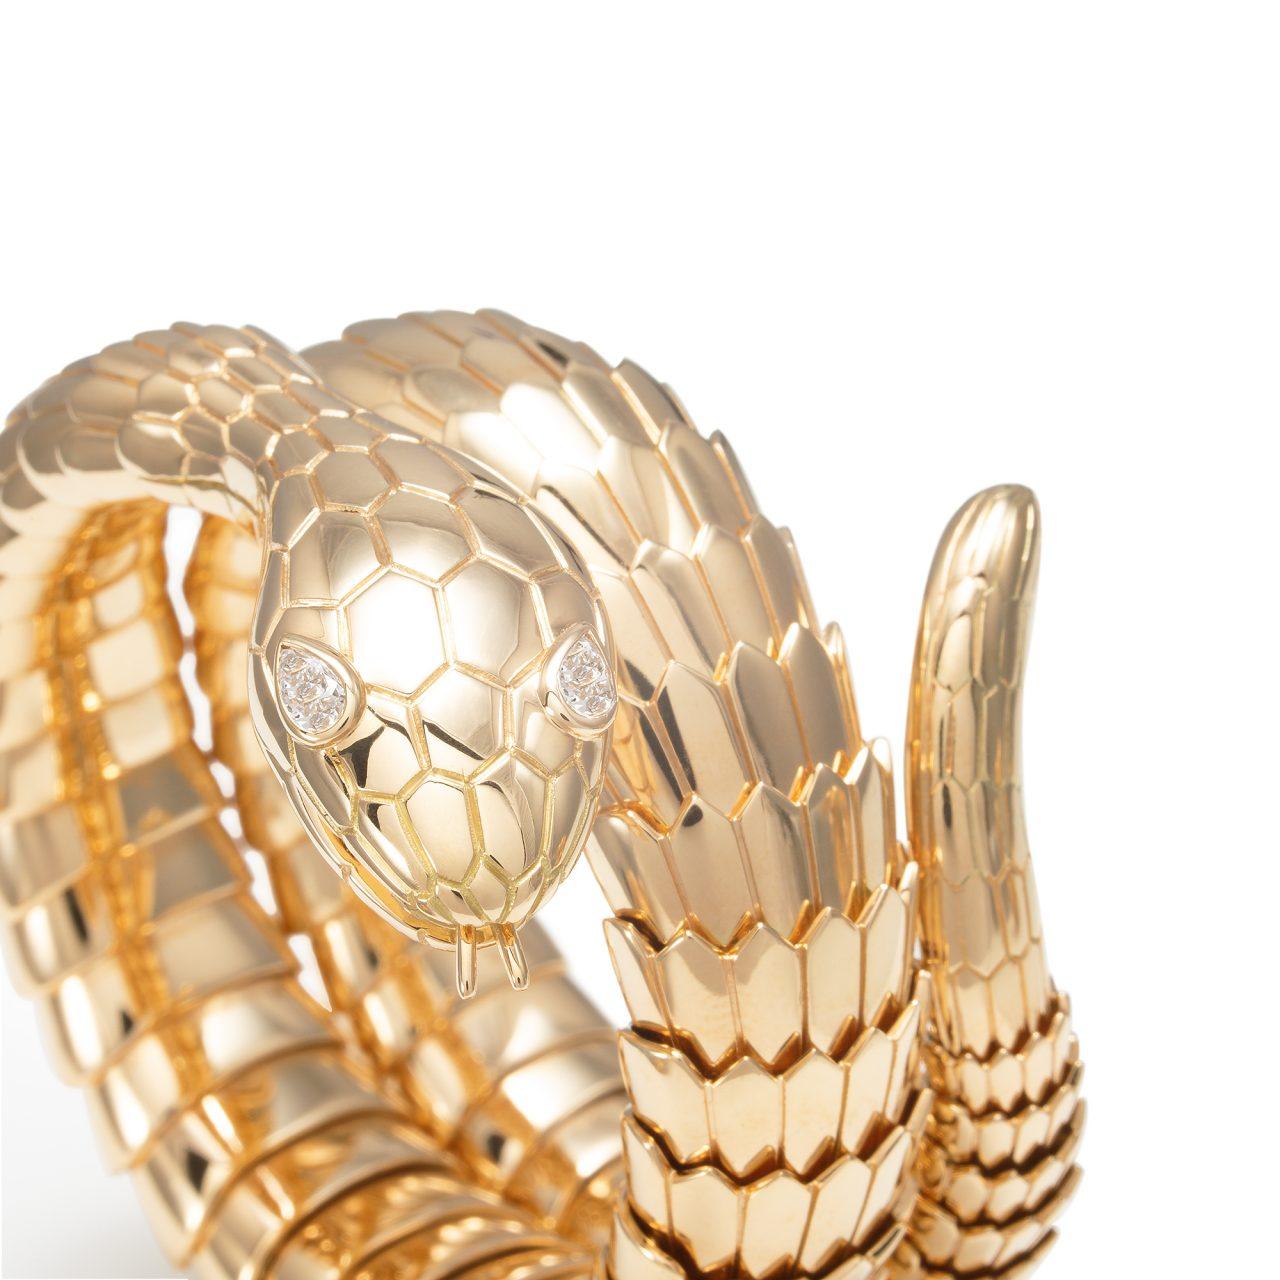 Illario bracciale a Serpente in oro giallo 18k e diamanti